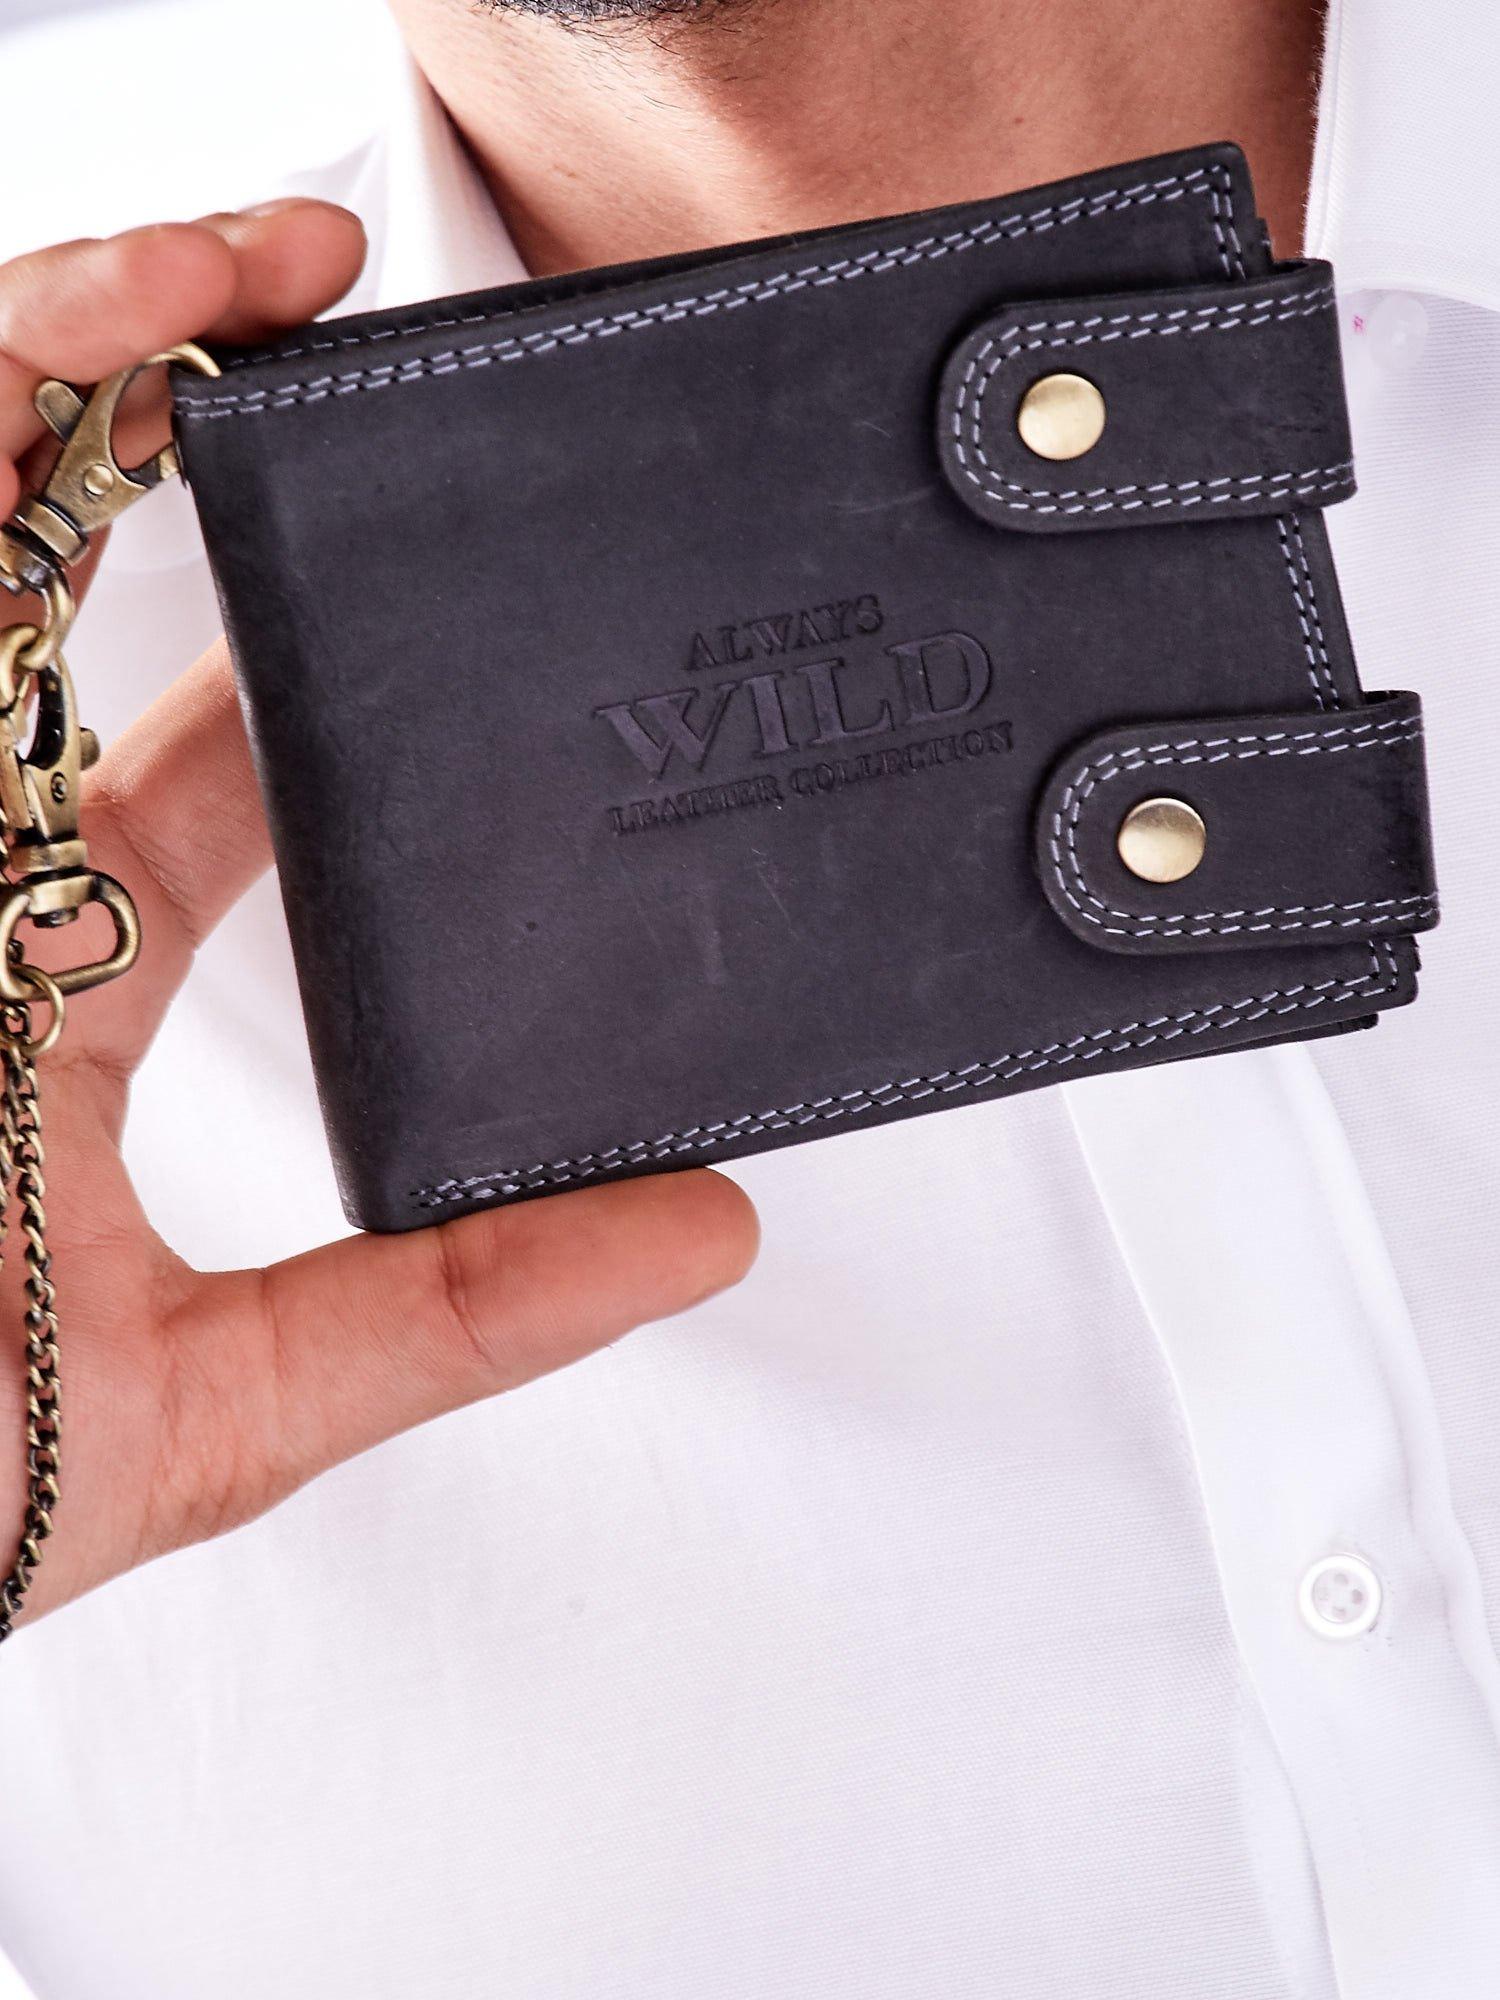 c17c49ae87b5d Czarny portfel męski skórzany z łańcuszkiem - Mężczyźni portfel ...